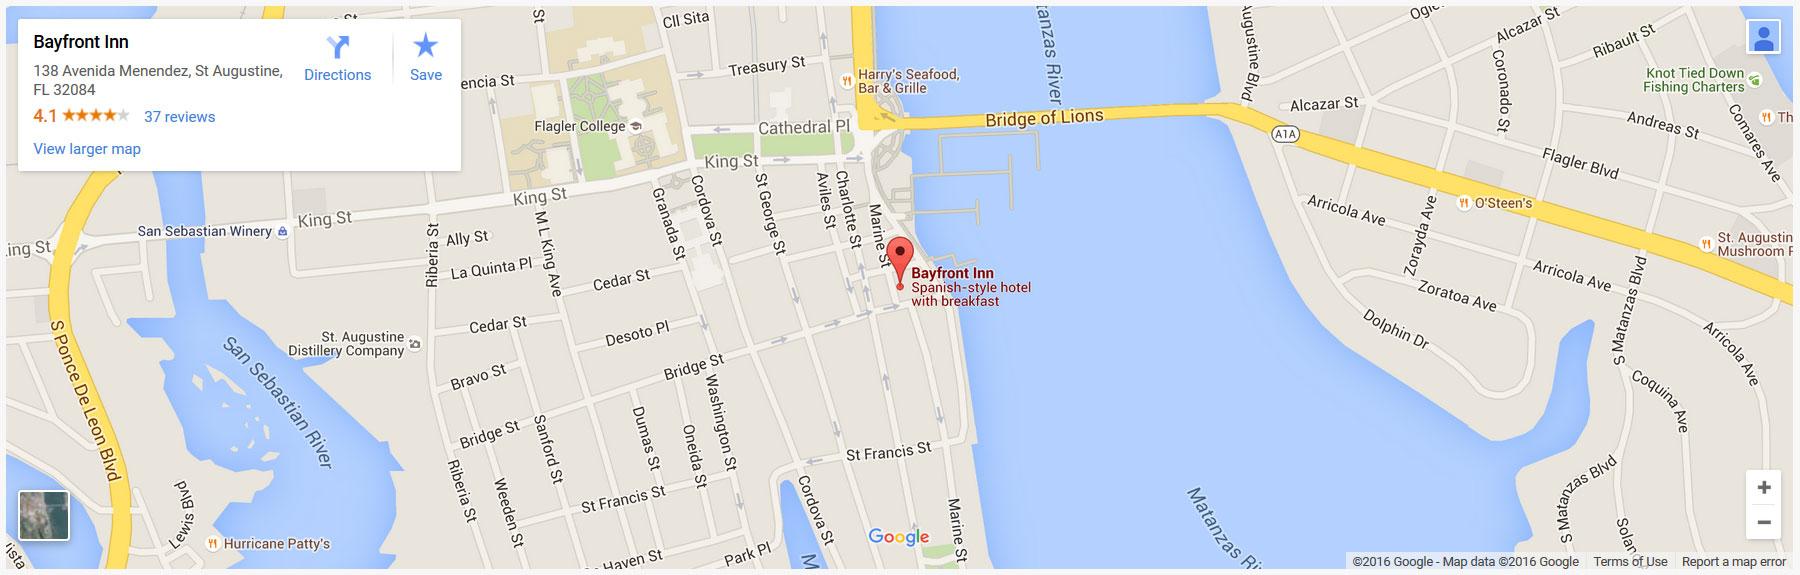 Bayfront Inn on Google Maps